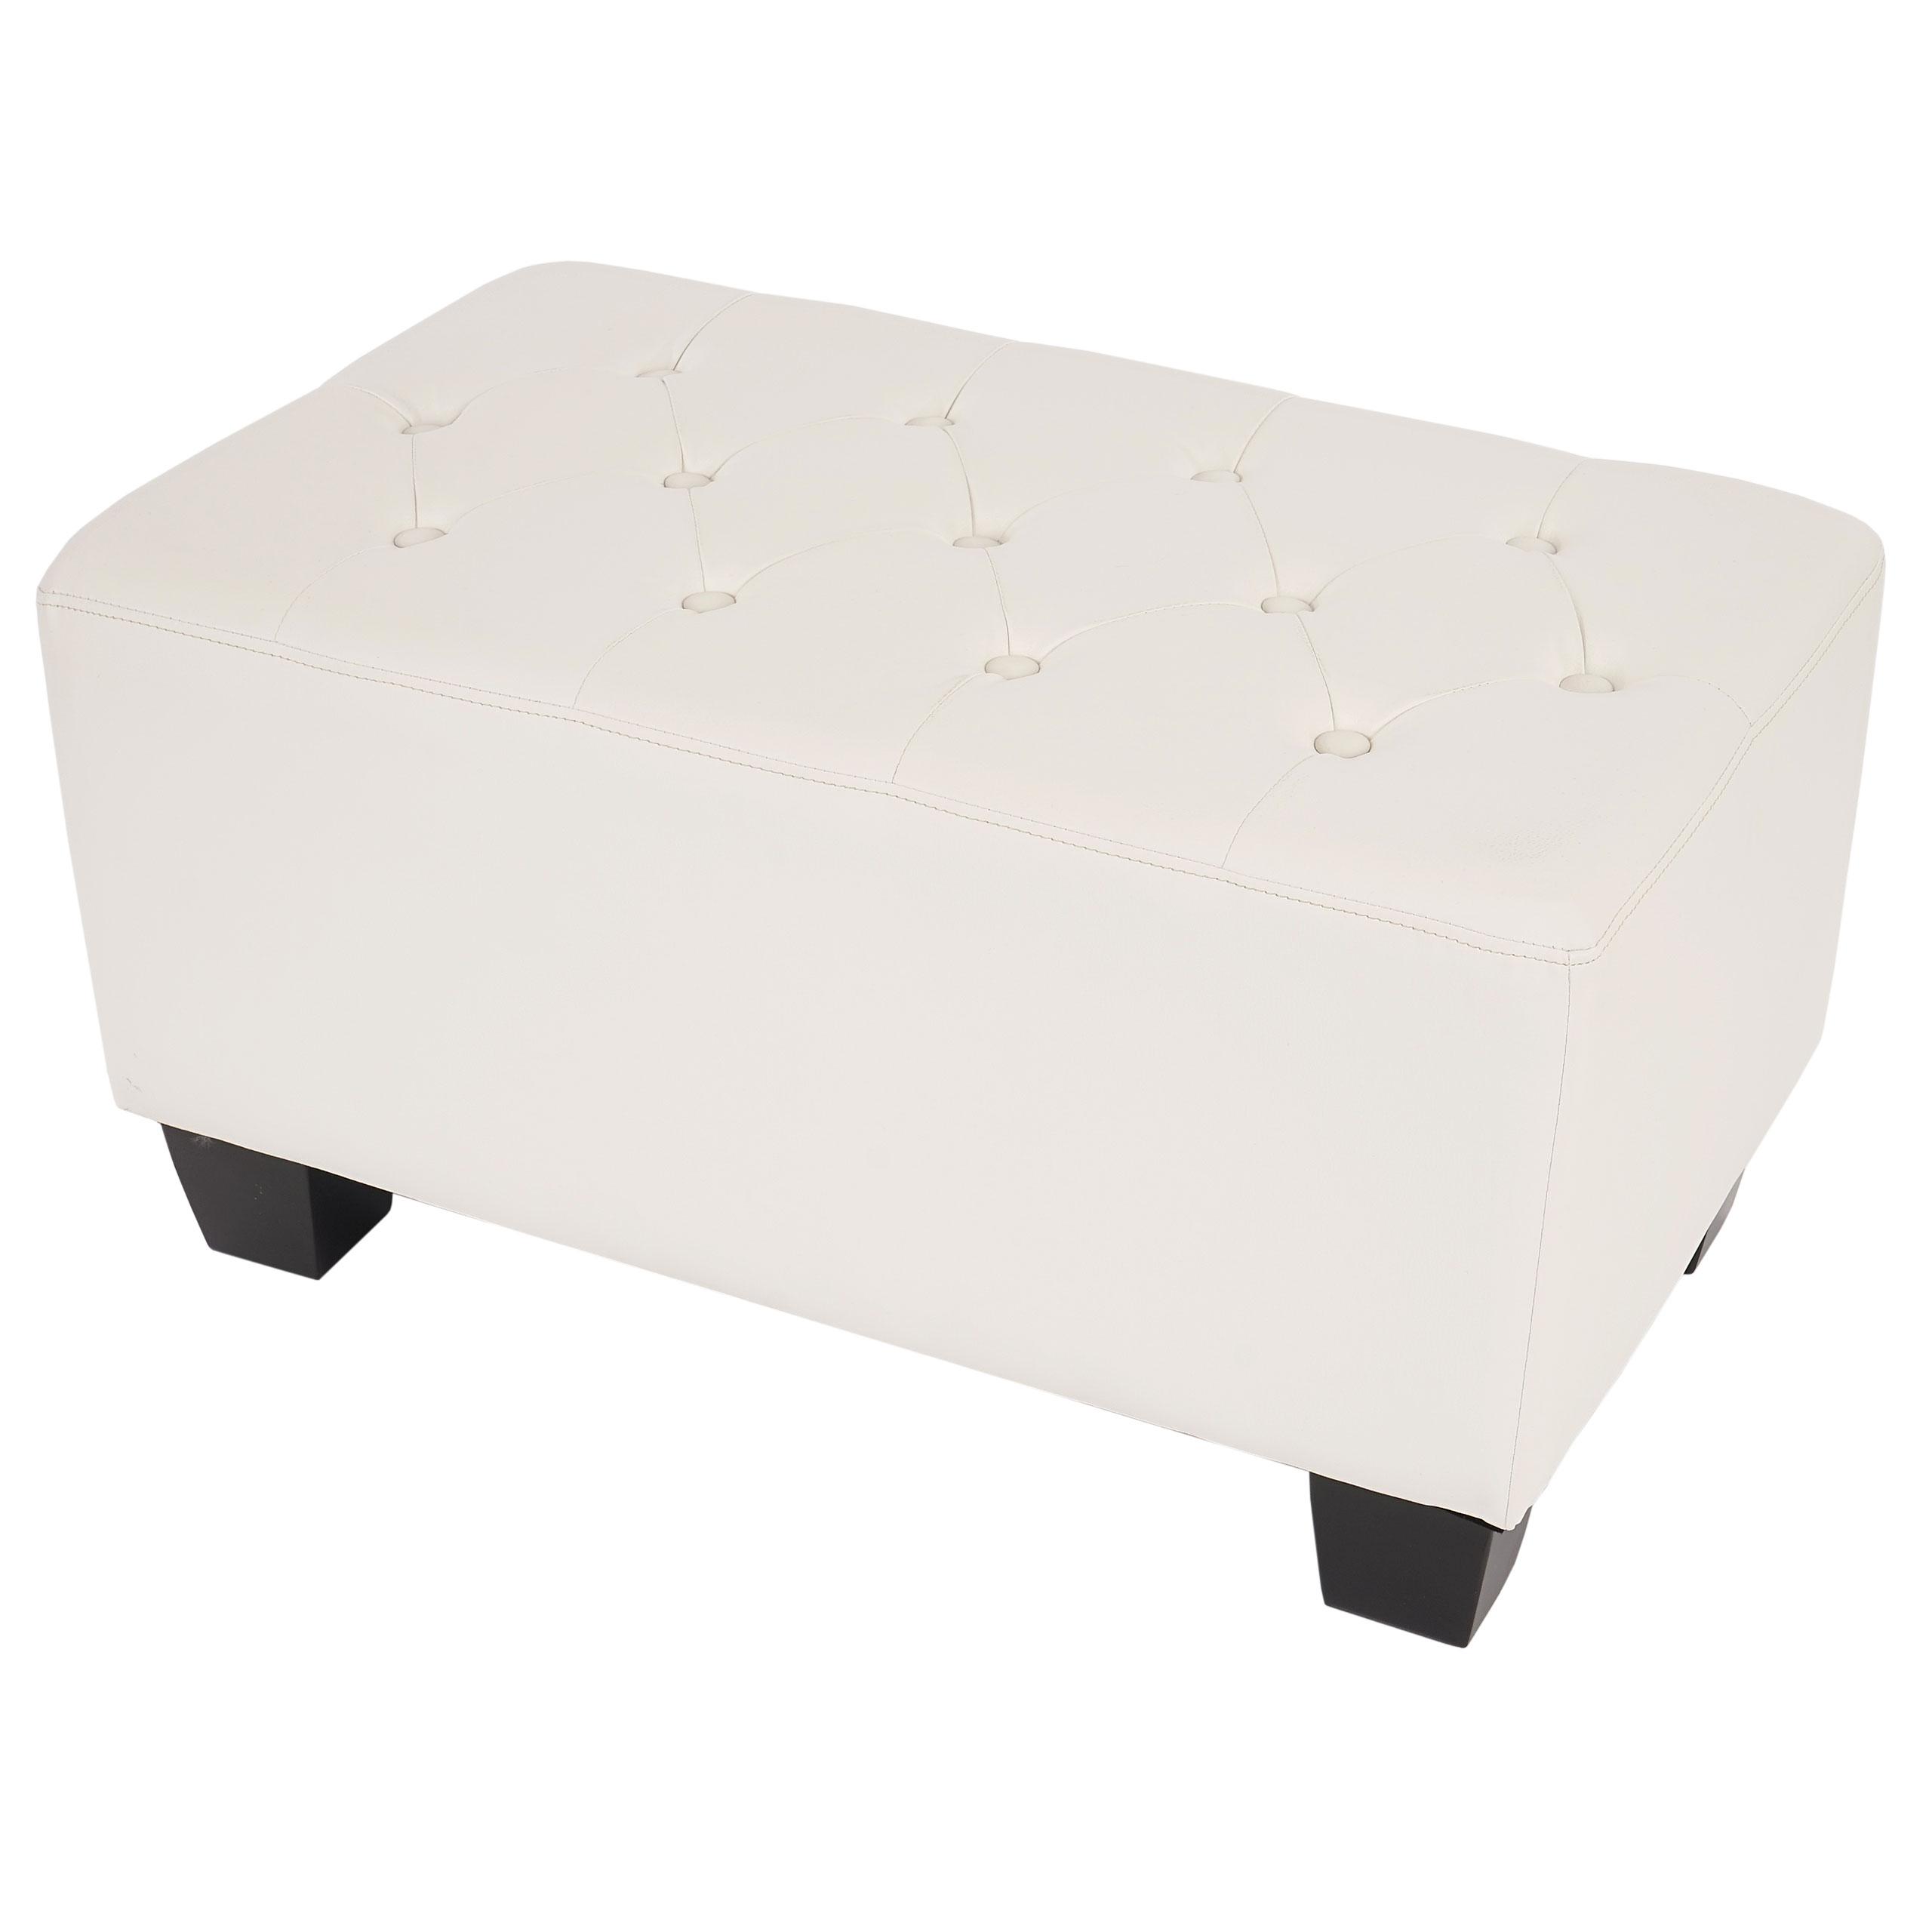 Luxus 3er Sofa Loungesofa Couch Chesterfield Edinburgh Kunstleder ~ eckige Füße, braun